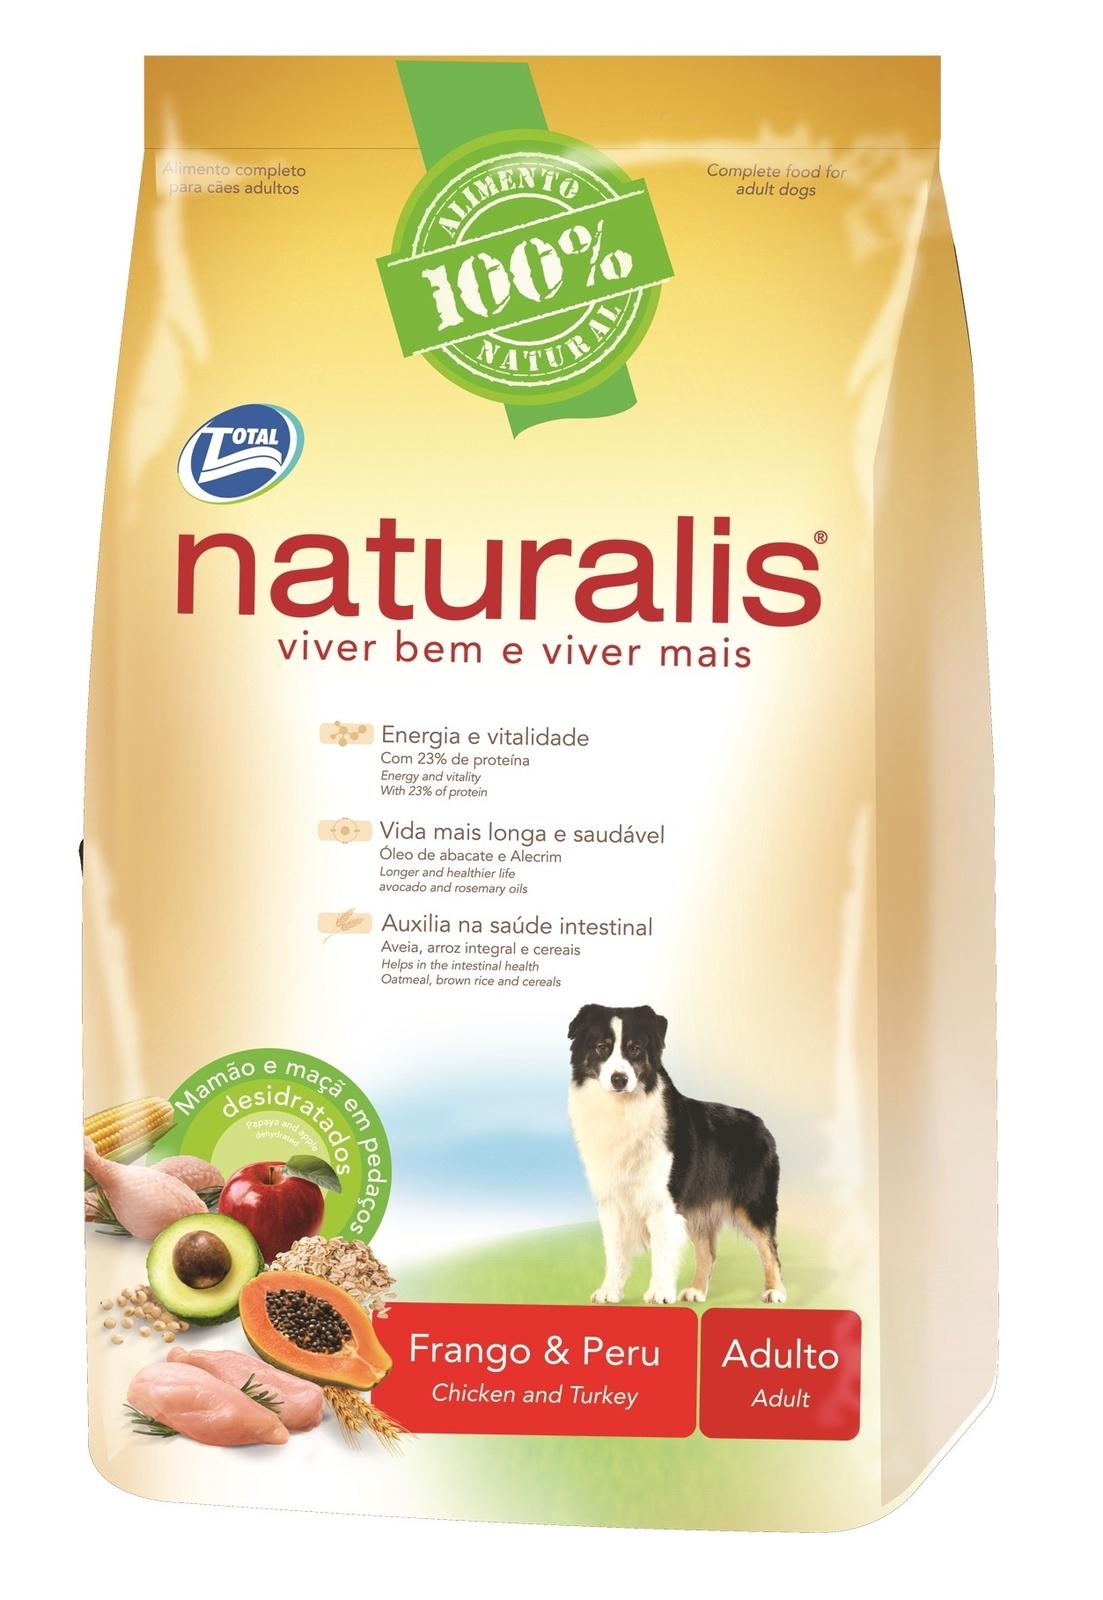 Naturalis Total Alimentos Для взрослых собак с курицей, индейкой, коричневым рисом, папайей и яблоком ERS110182 15кгПовседневные корма<br><br><br>Артикул: 10393<br>Бренд: Naturalis Total Alimentos<br>Вид: Сухие<br>Вес брутто (кг): 15<br>Для кого: Собаки